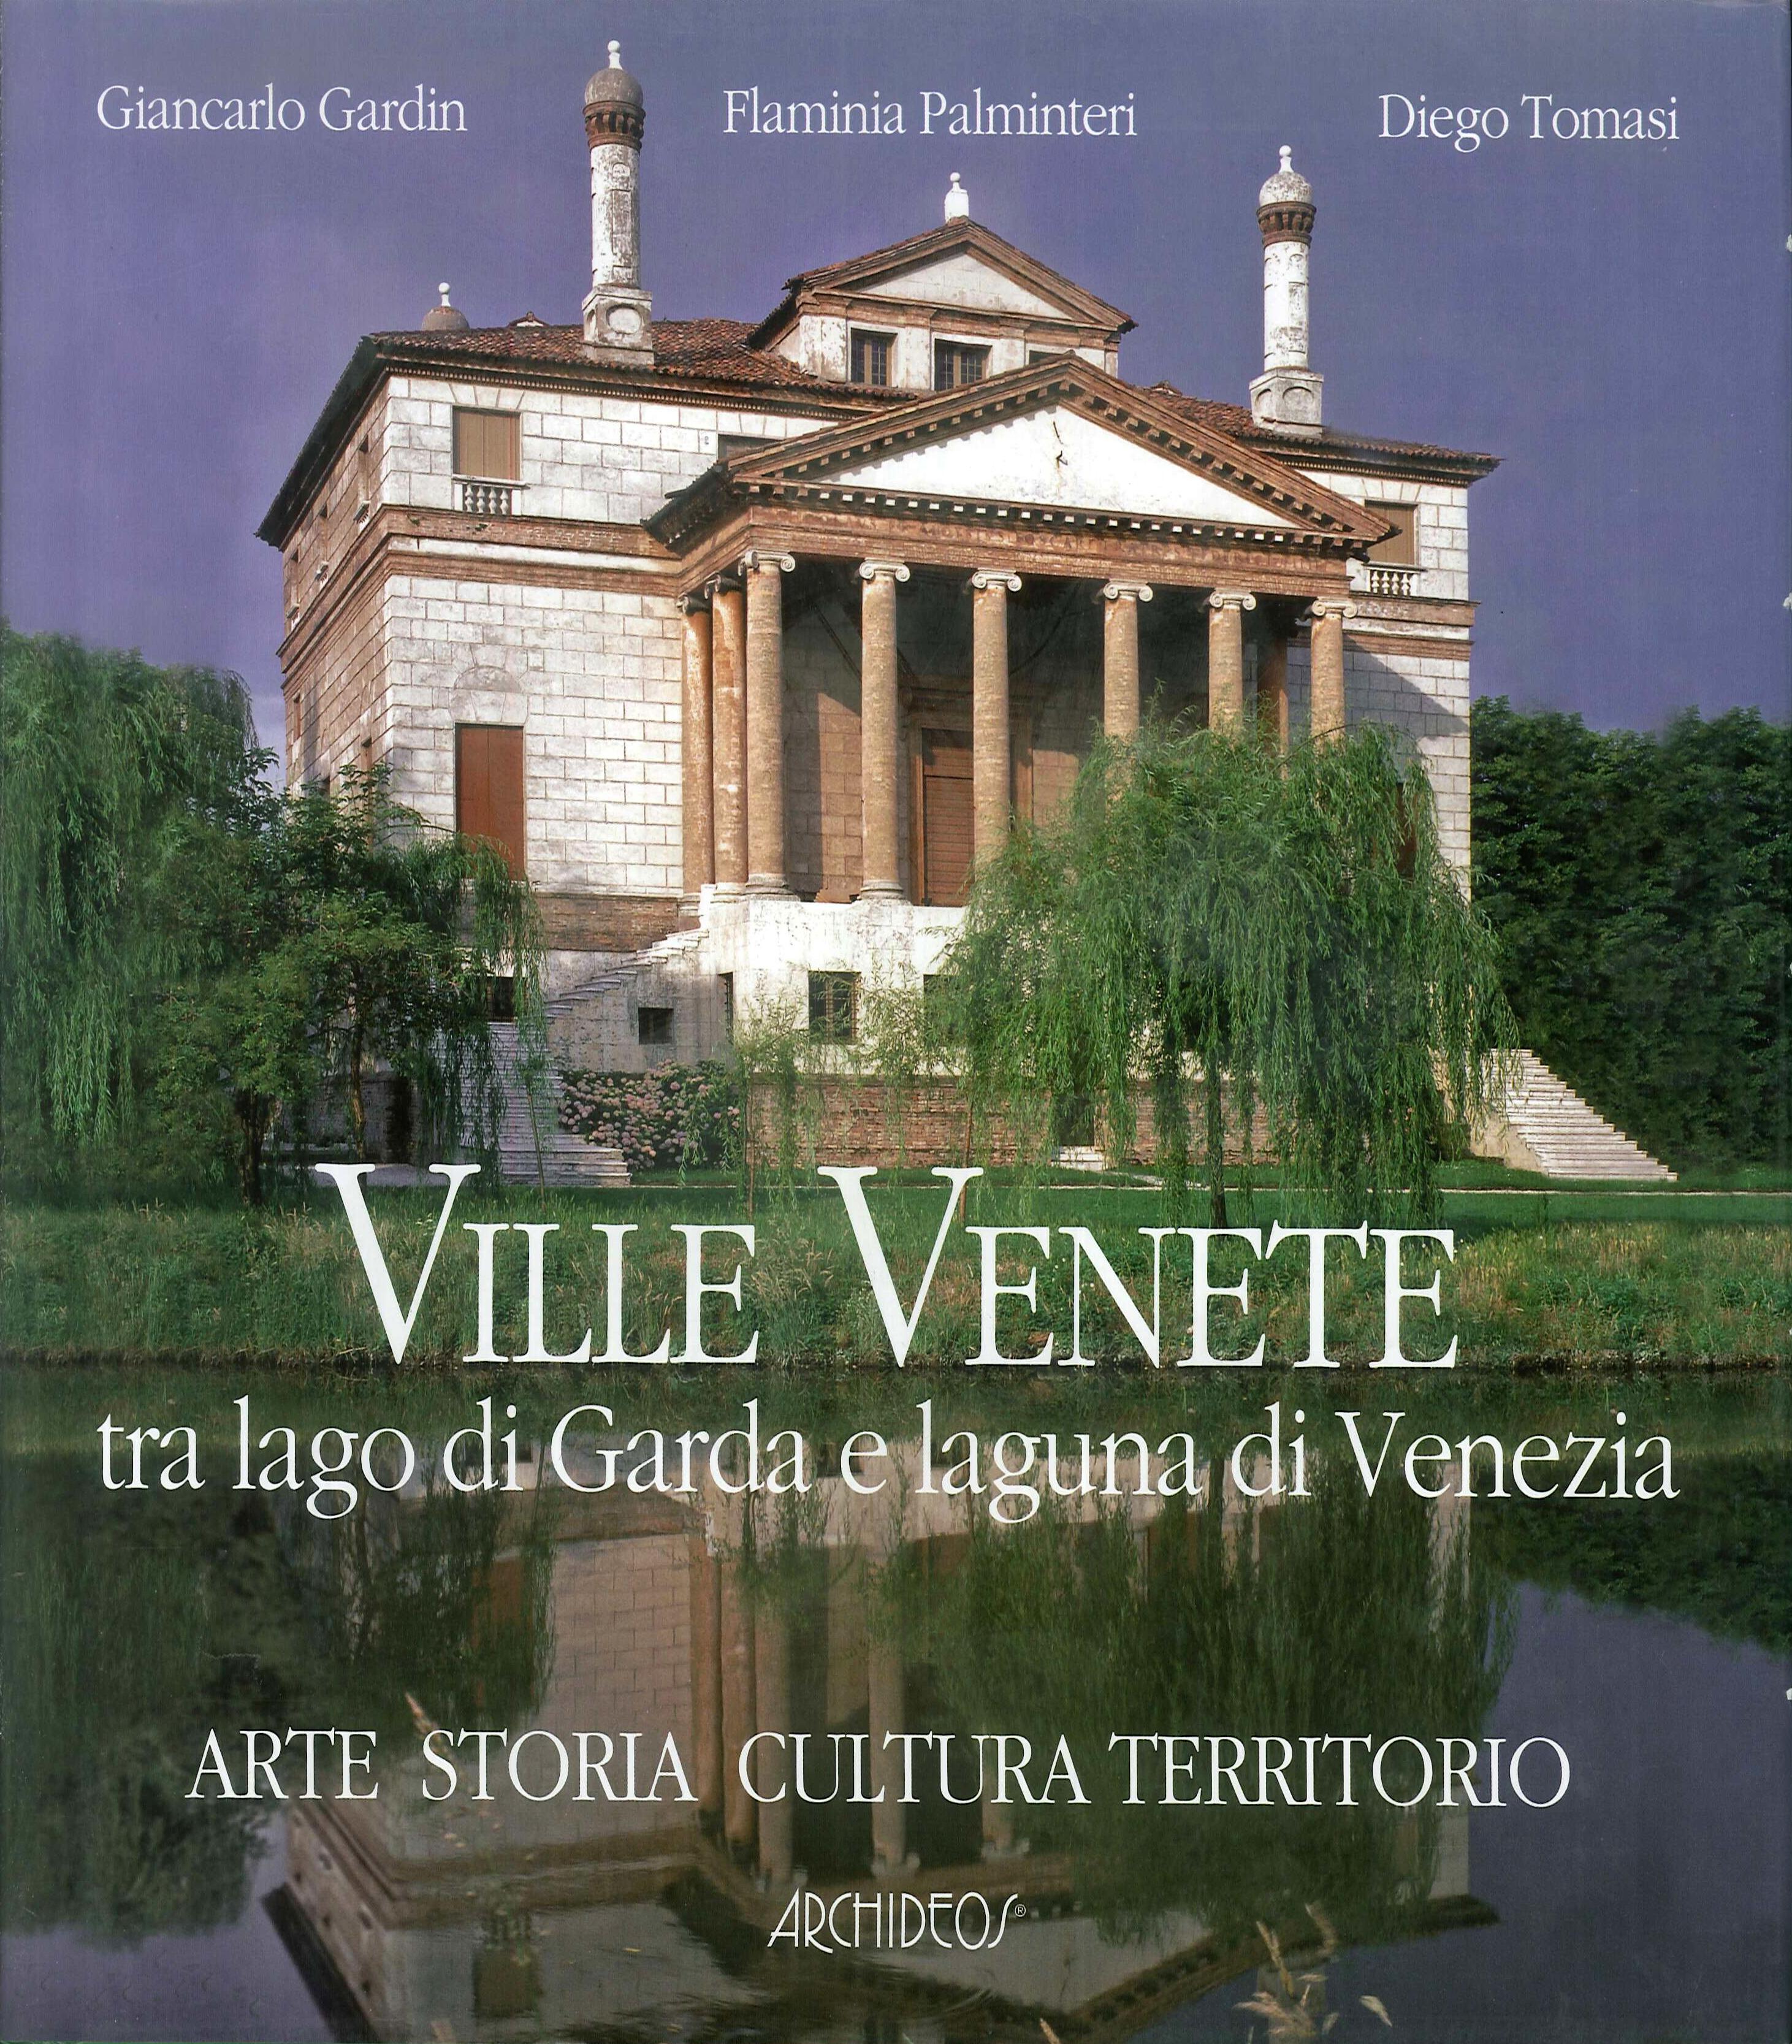 Ville venete tra lago di Garda e Laguna di Venezia. Biodiversita del territorio. Storia e cultura.